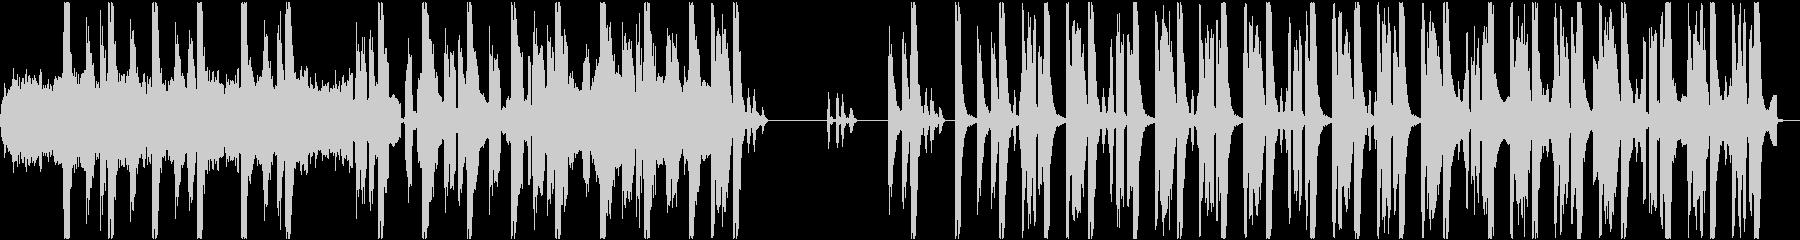 不気味さを感じるテクノサウンドの未再生の波形